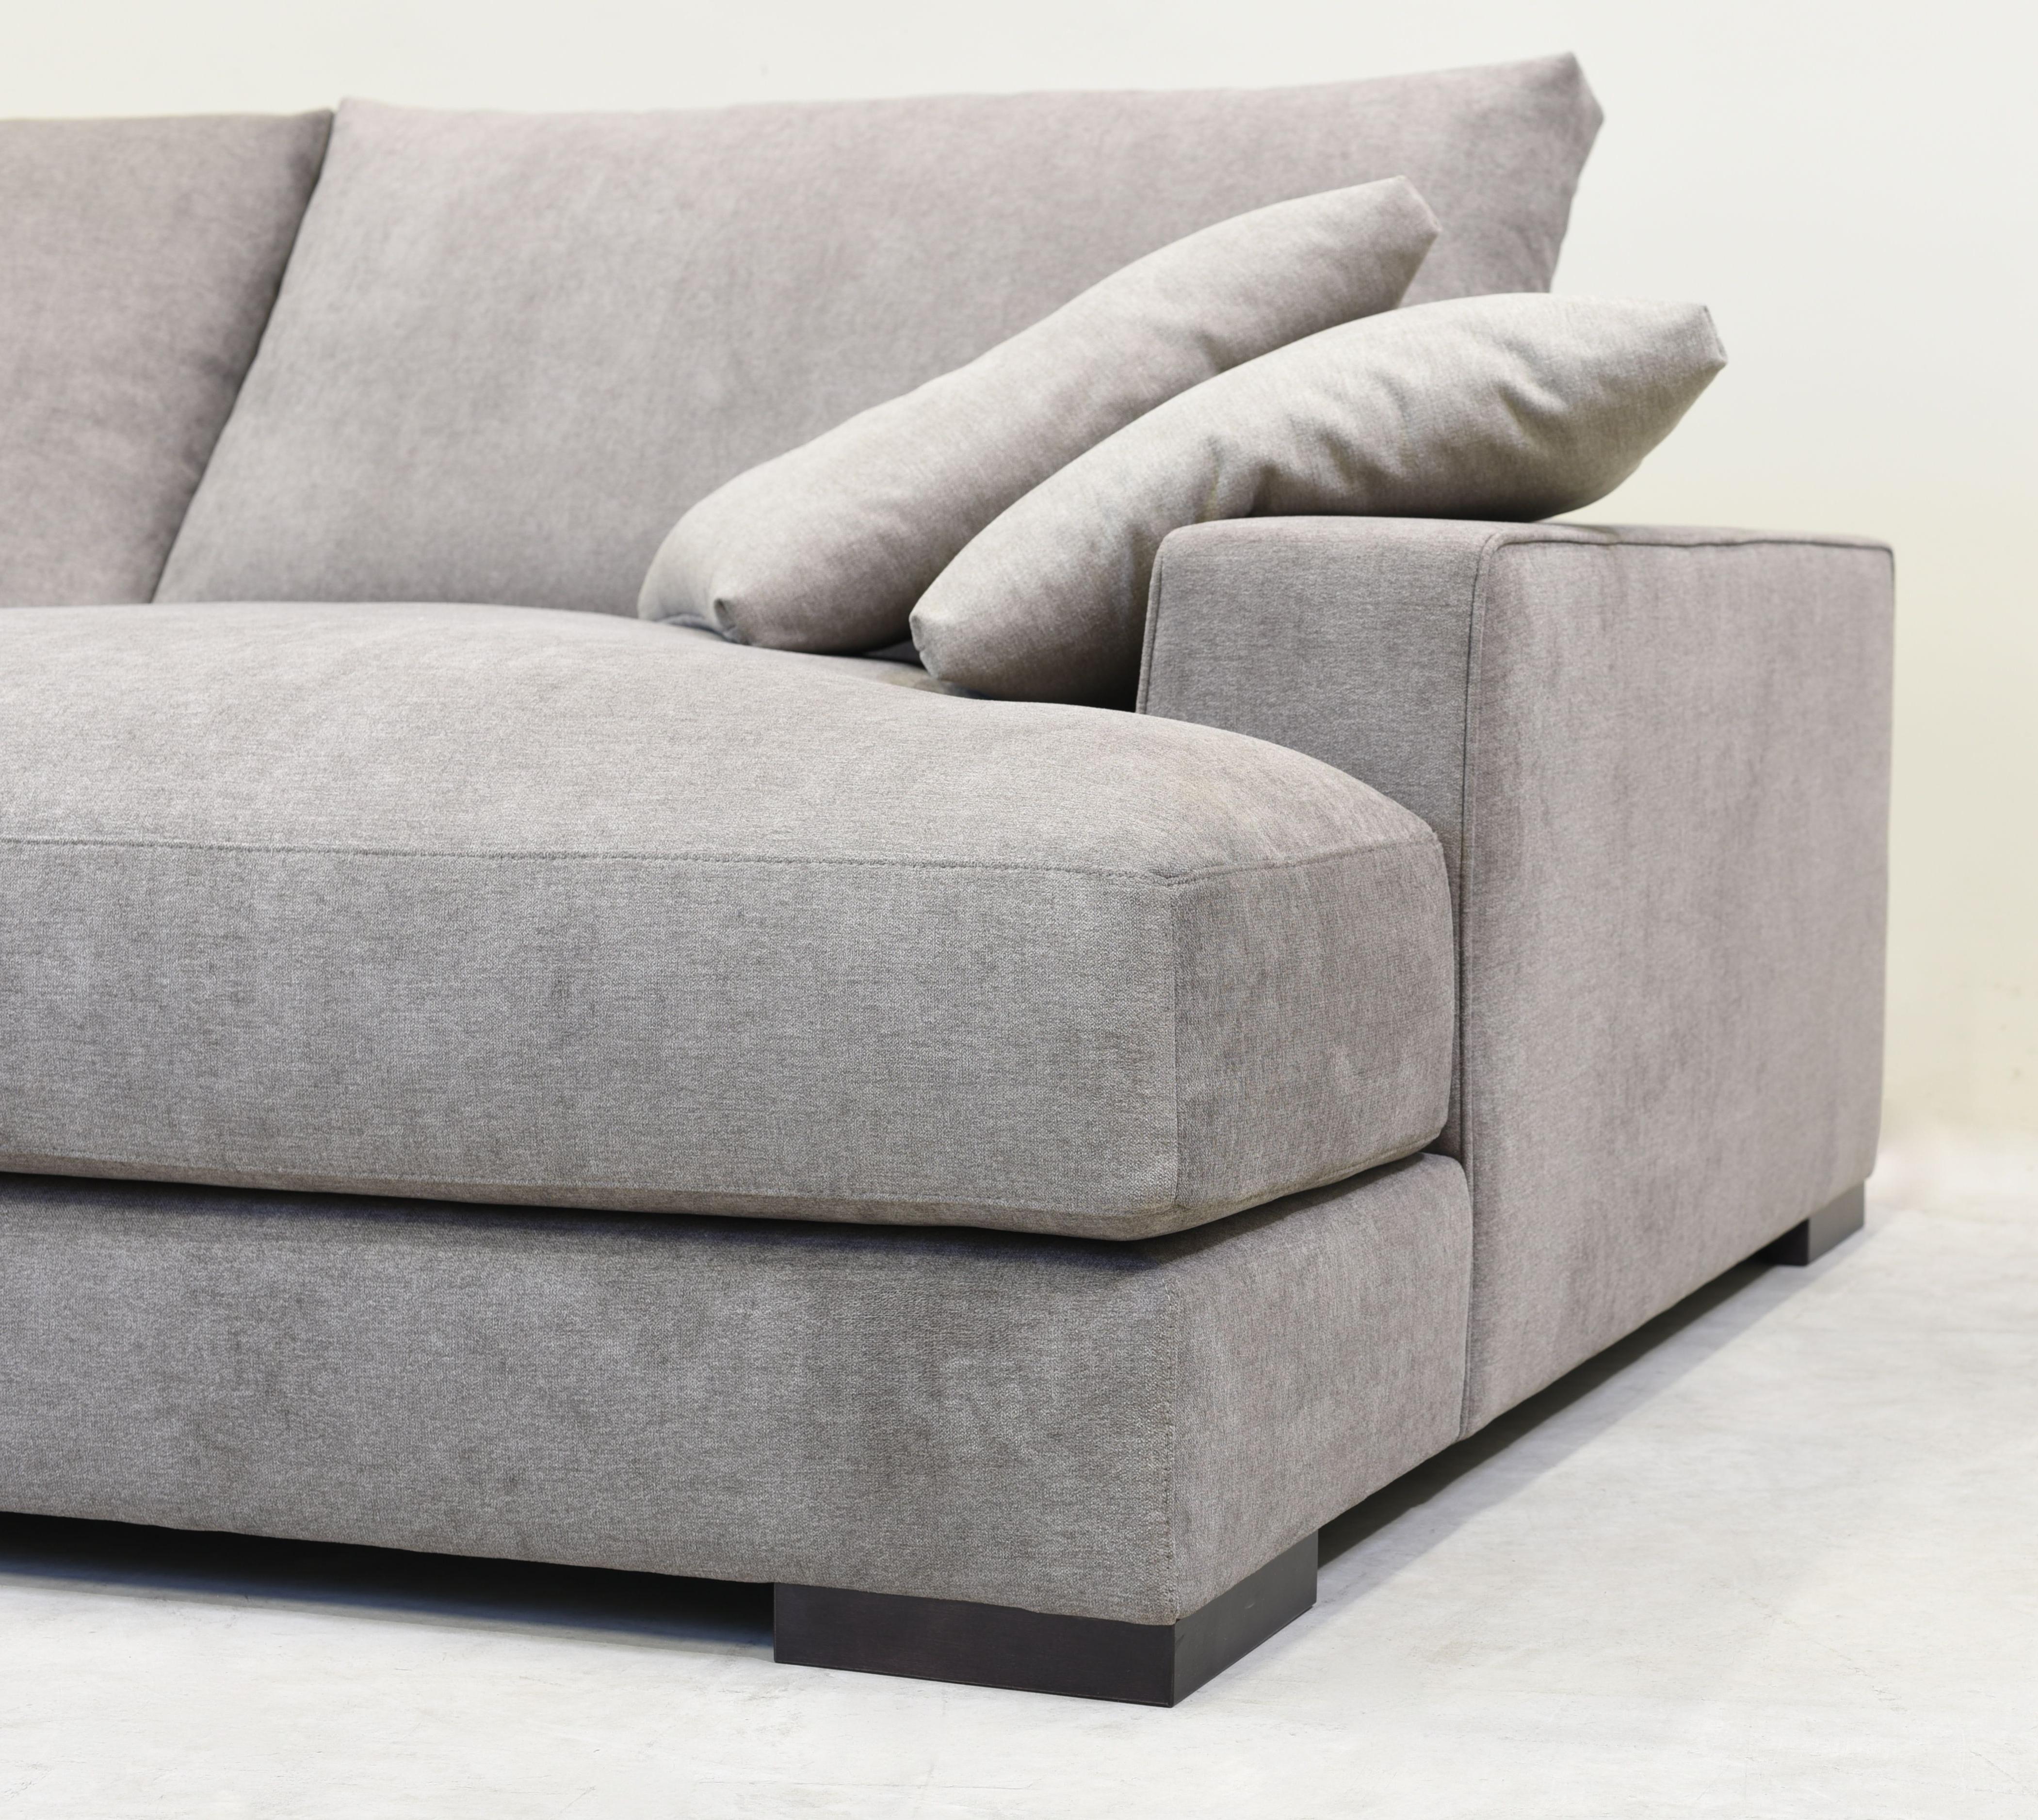 Atemporal sofas Rldj sofà Alec De atemporal Furniture En 2019 Diseà O De